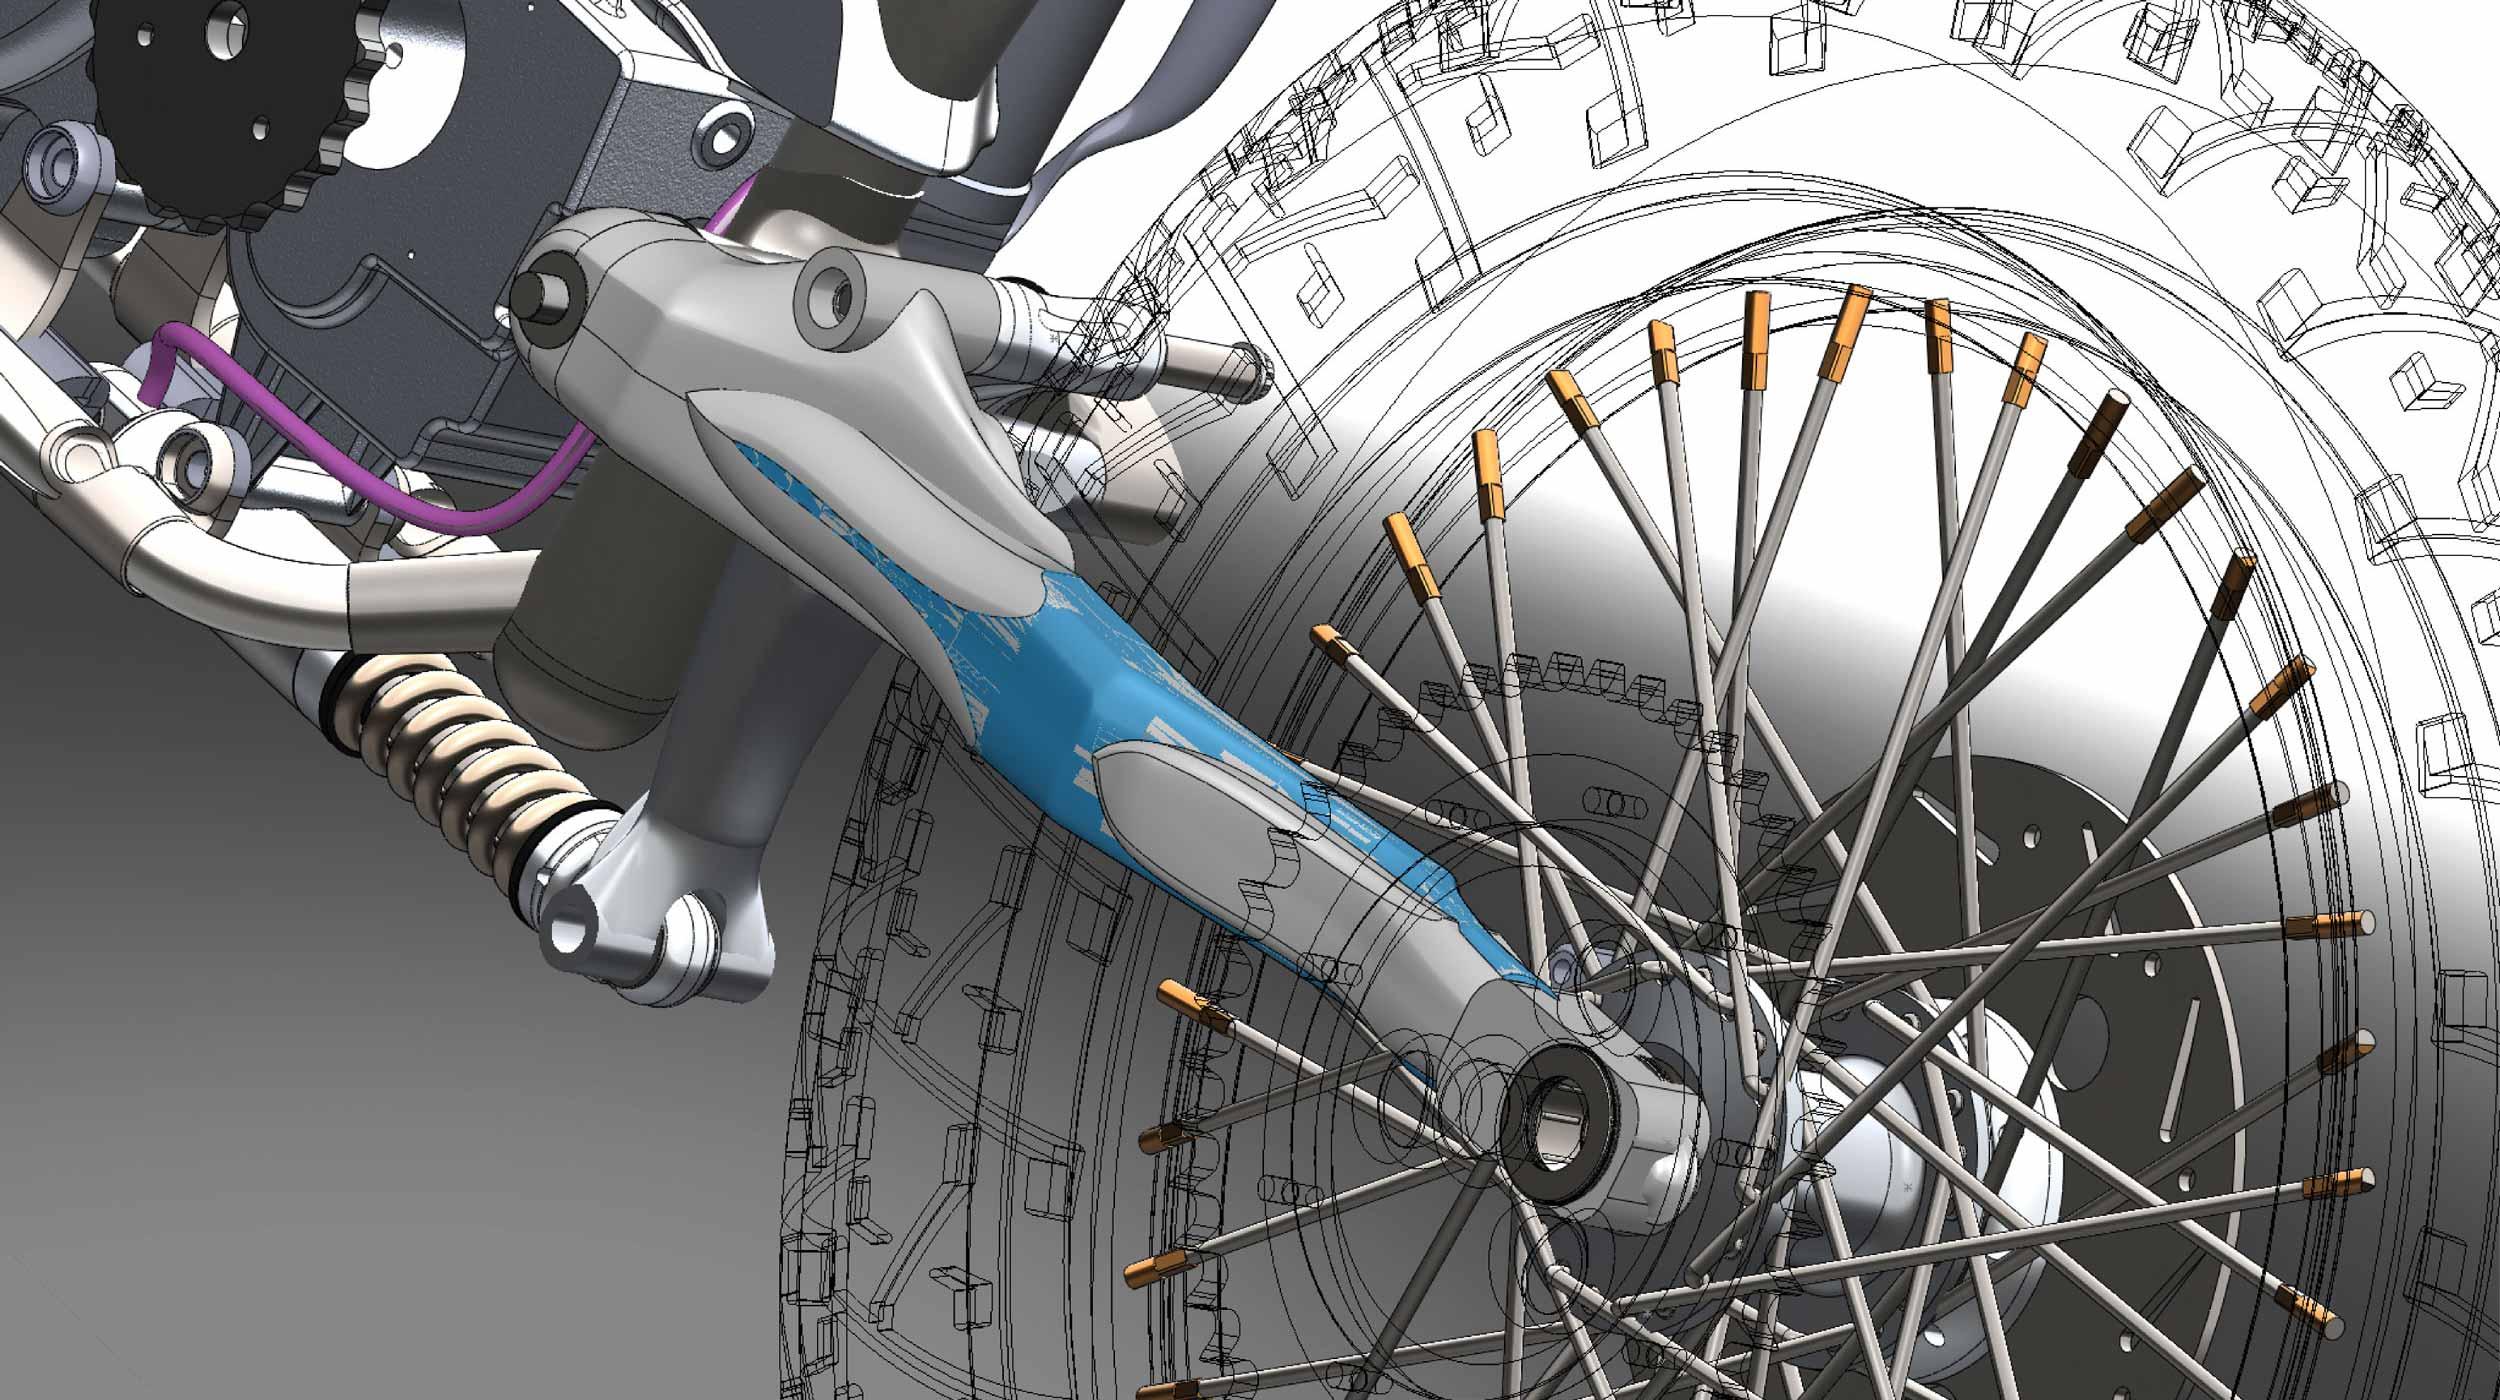 White-Rear-Swingarm-Assembly-Model.jpg